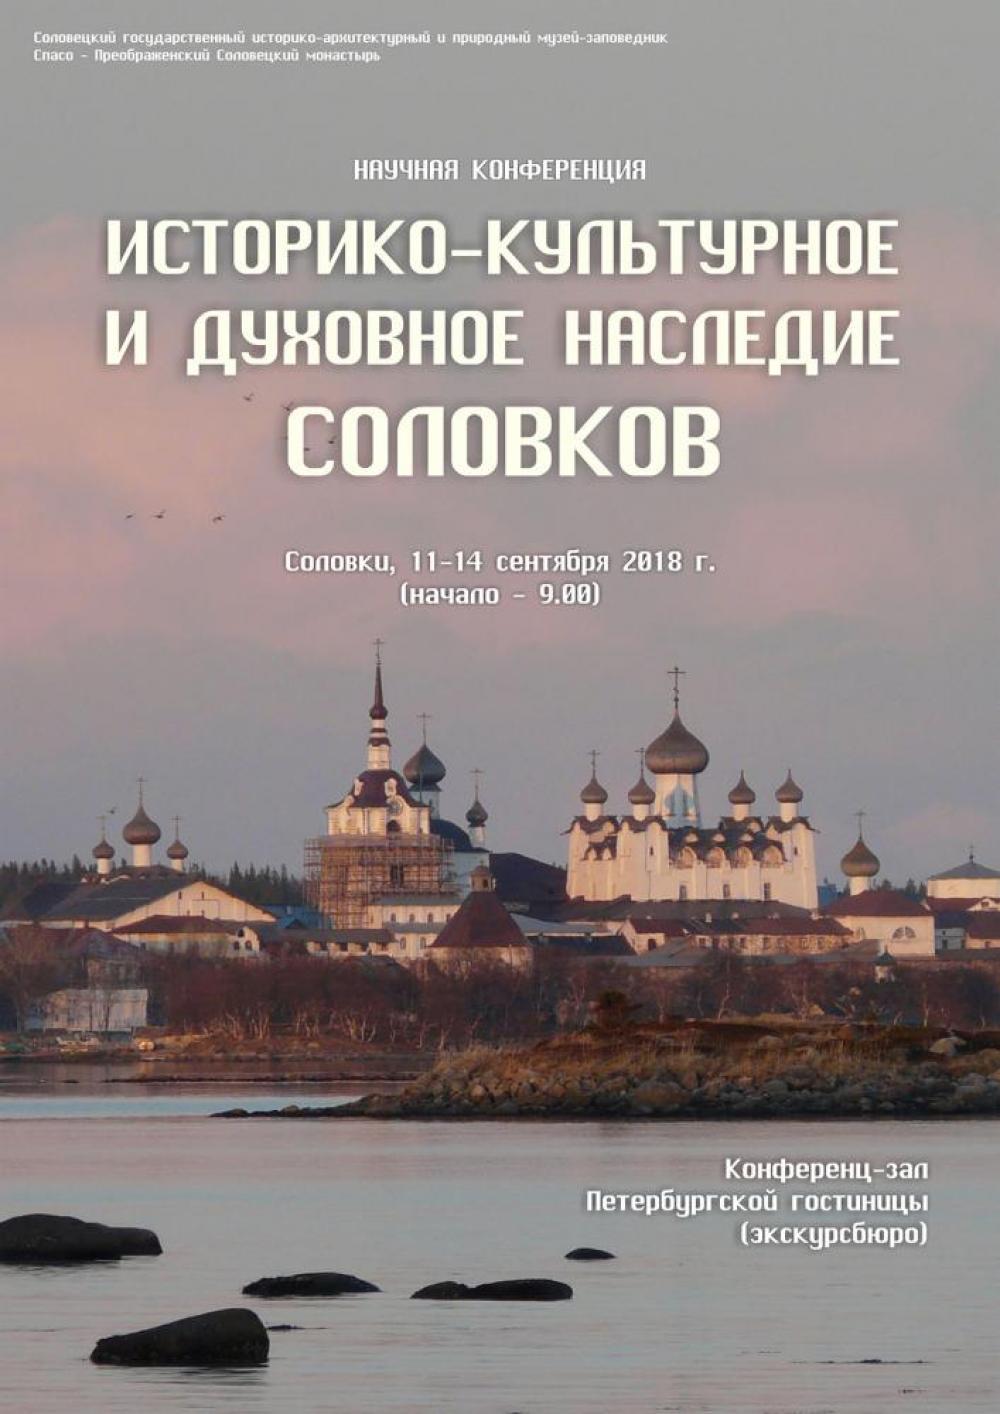 Афиша конференции «Историко-культурное и духовное наследие Соловков